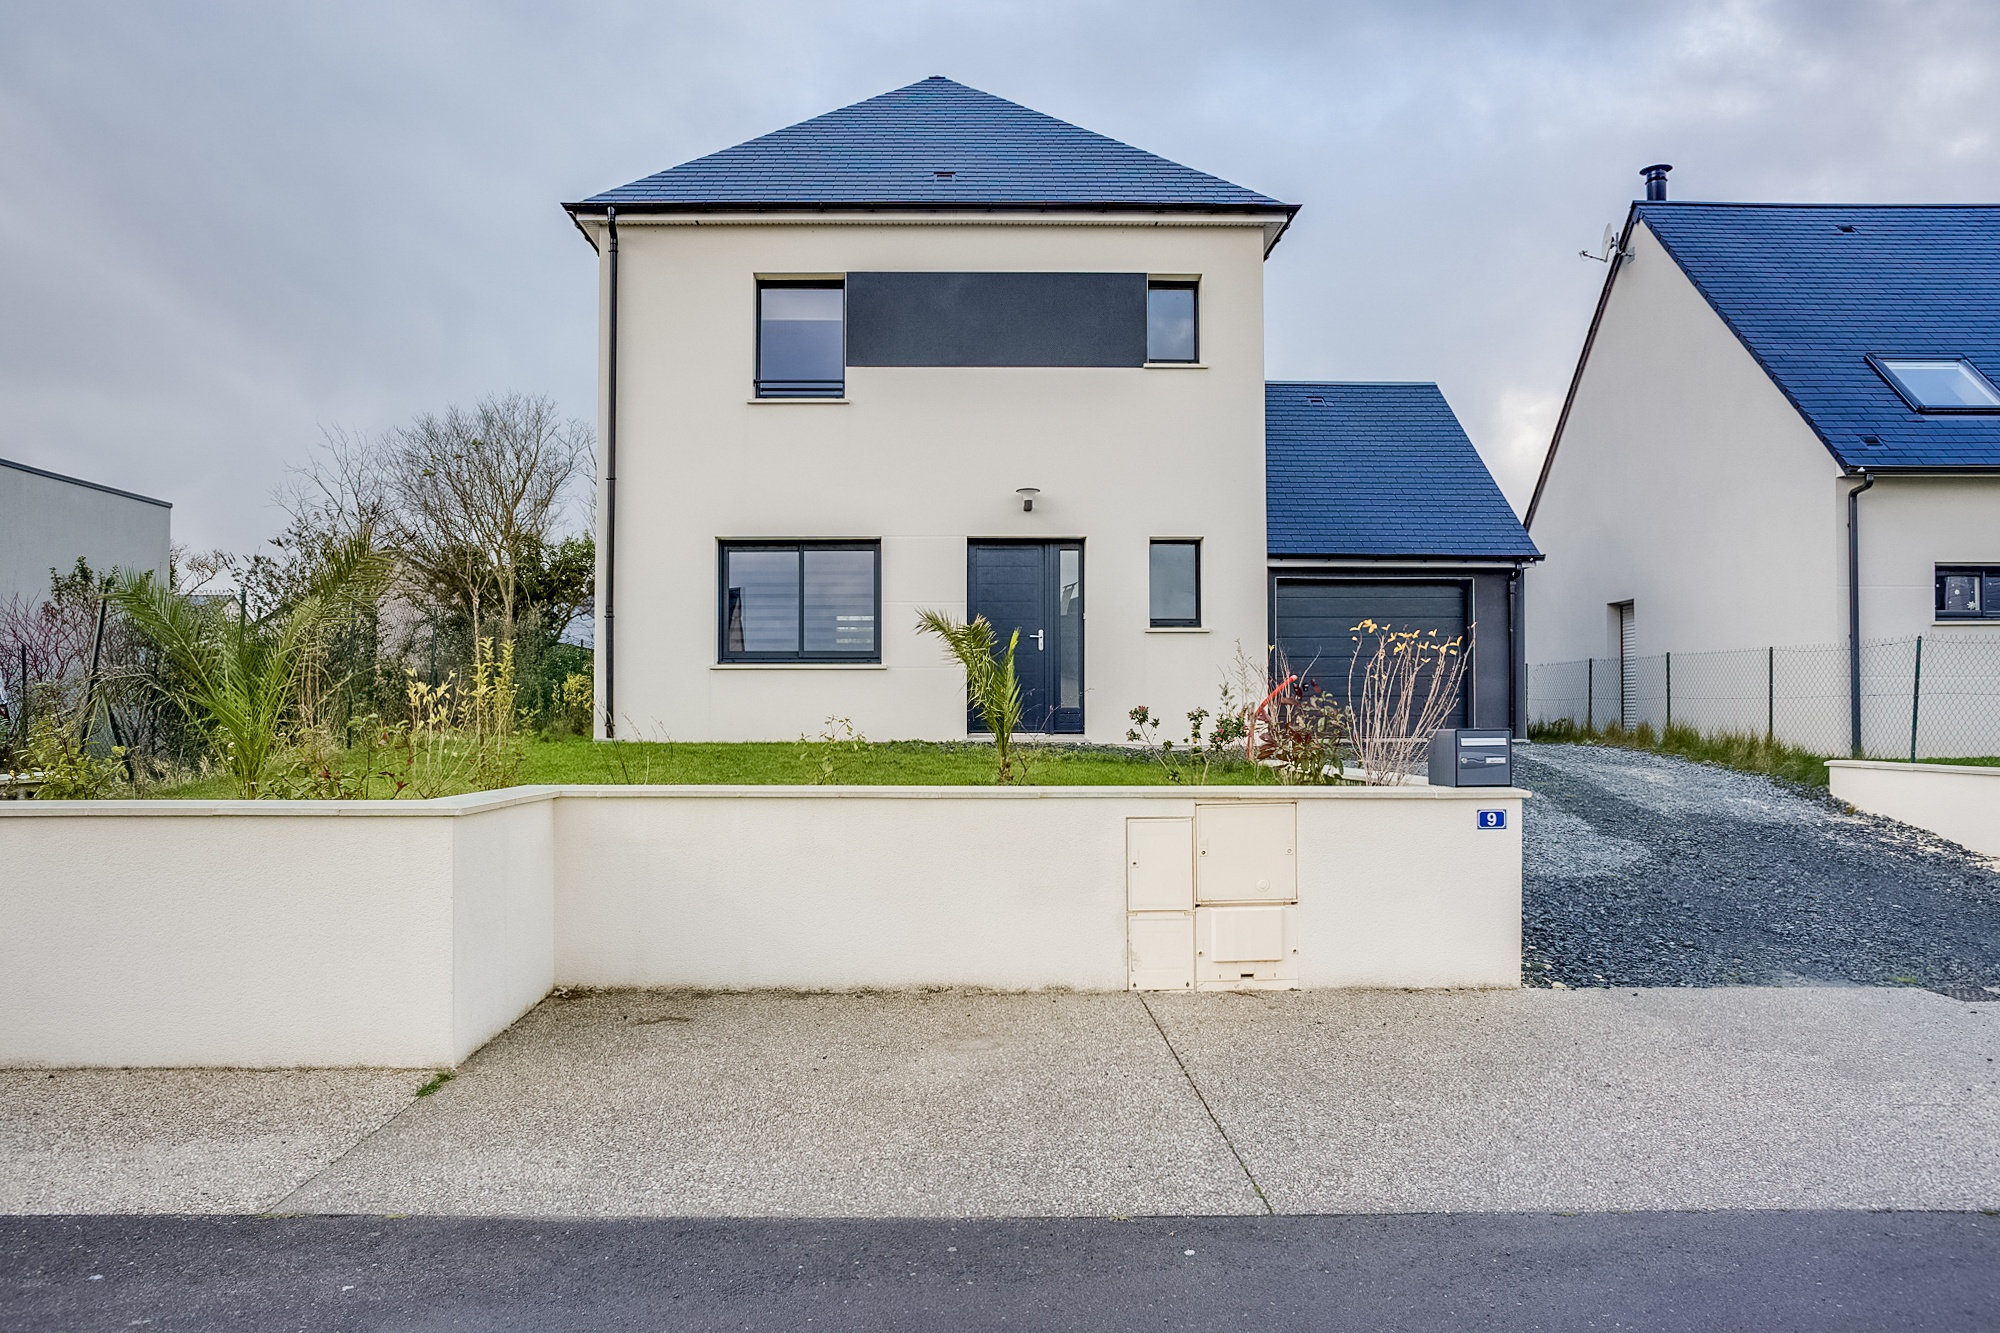 Maisons + Terrains du constructeur MAISON FAMILIALE RENNES • 130 m² • ANDOUILLE NEUVILLE